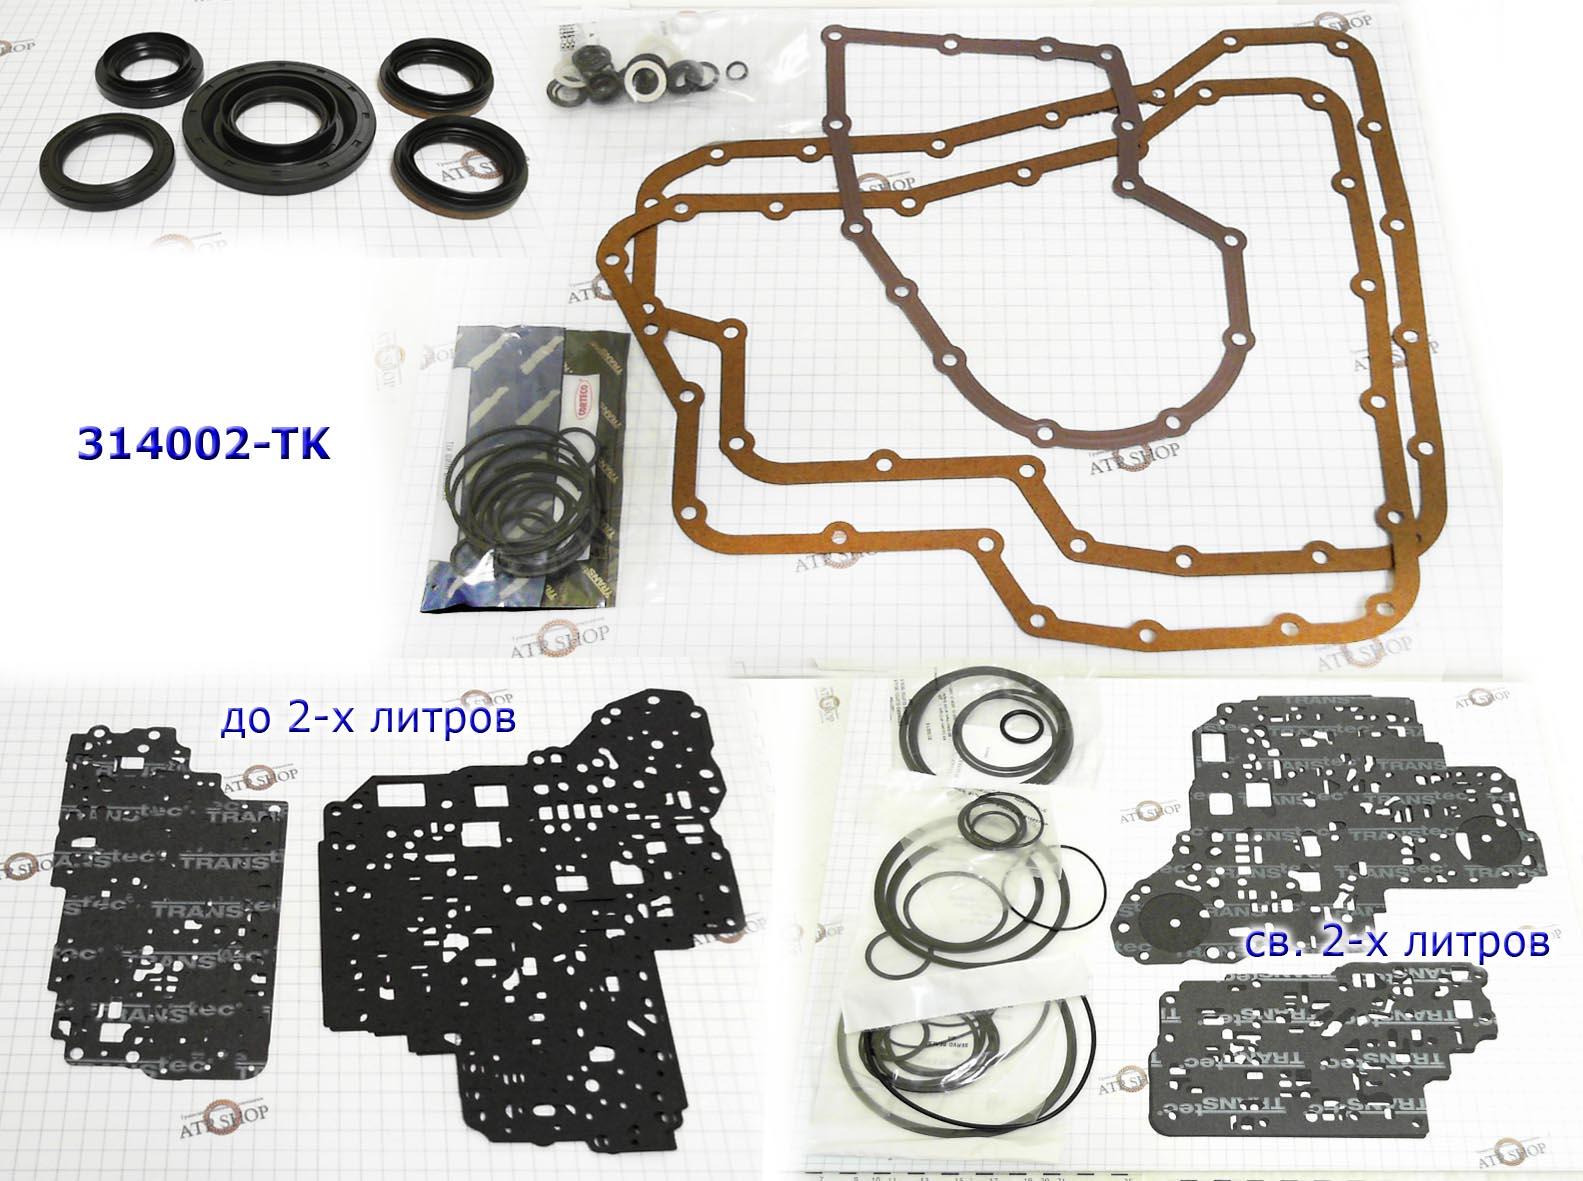 Комплект Прокладок и Сальников (Ремкомплект\ Оверол кит\ Overhaul Kit), RL4F03A 1991-Up